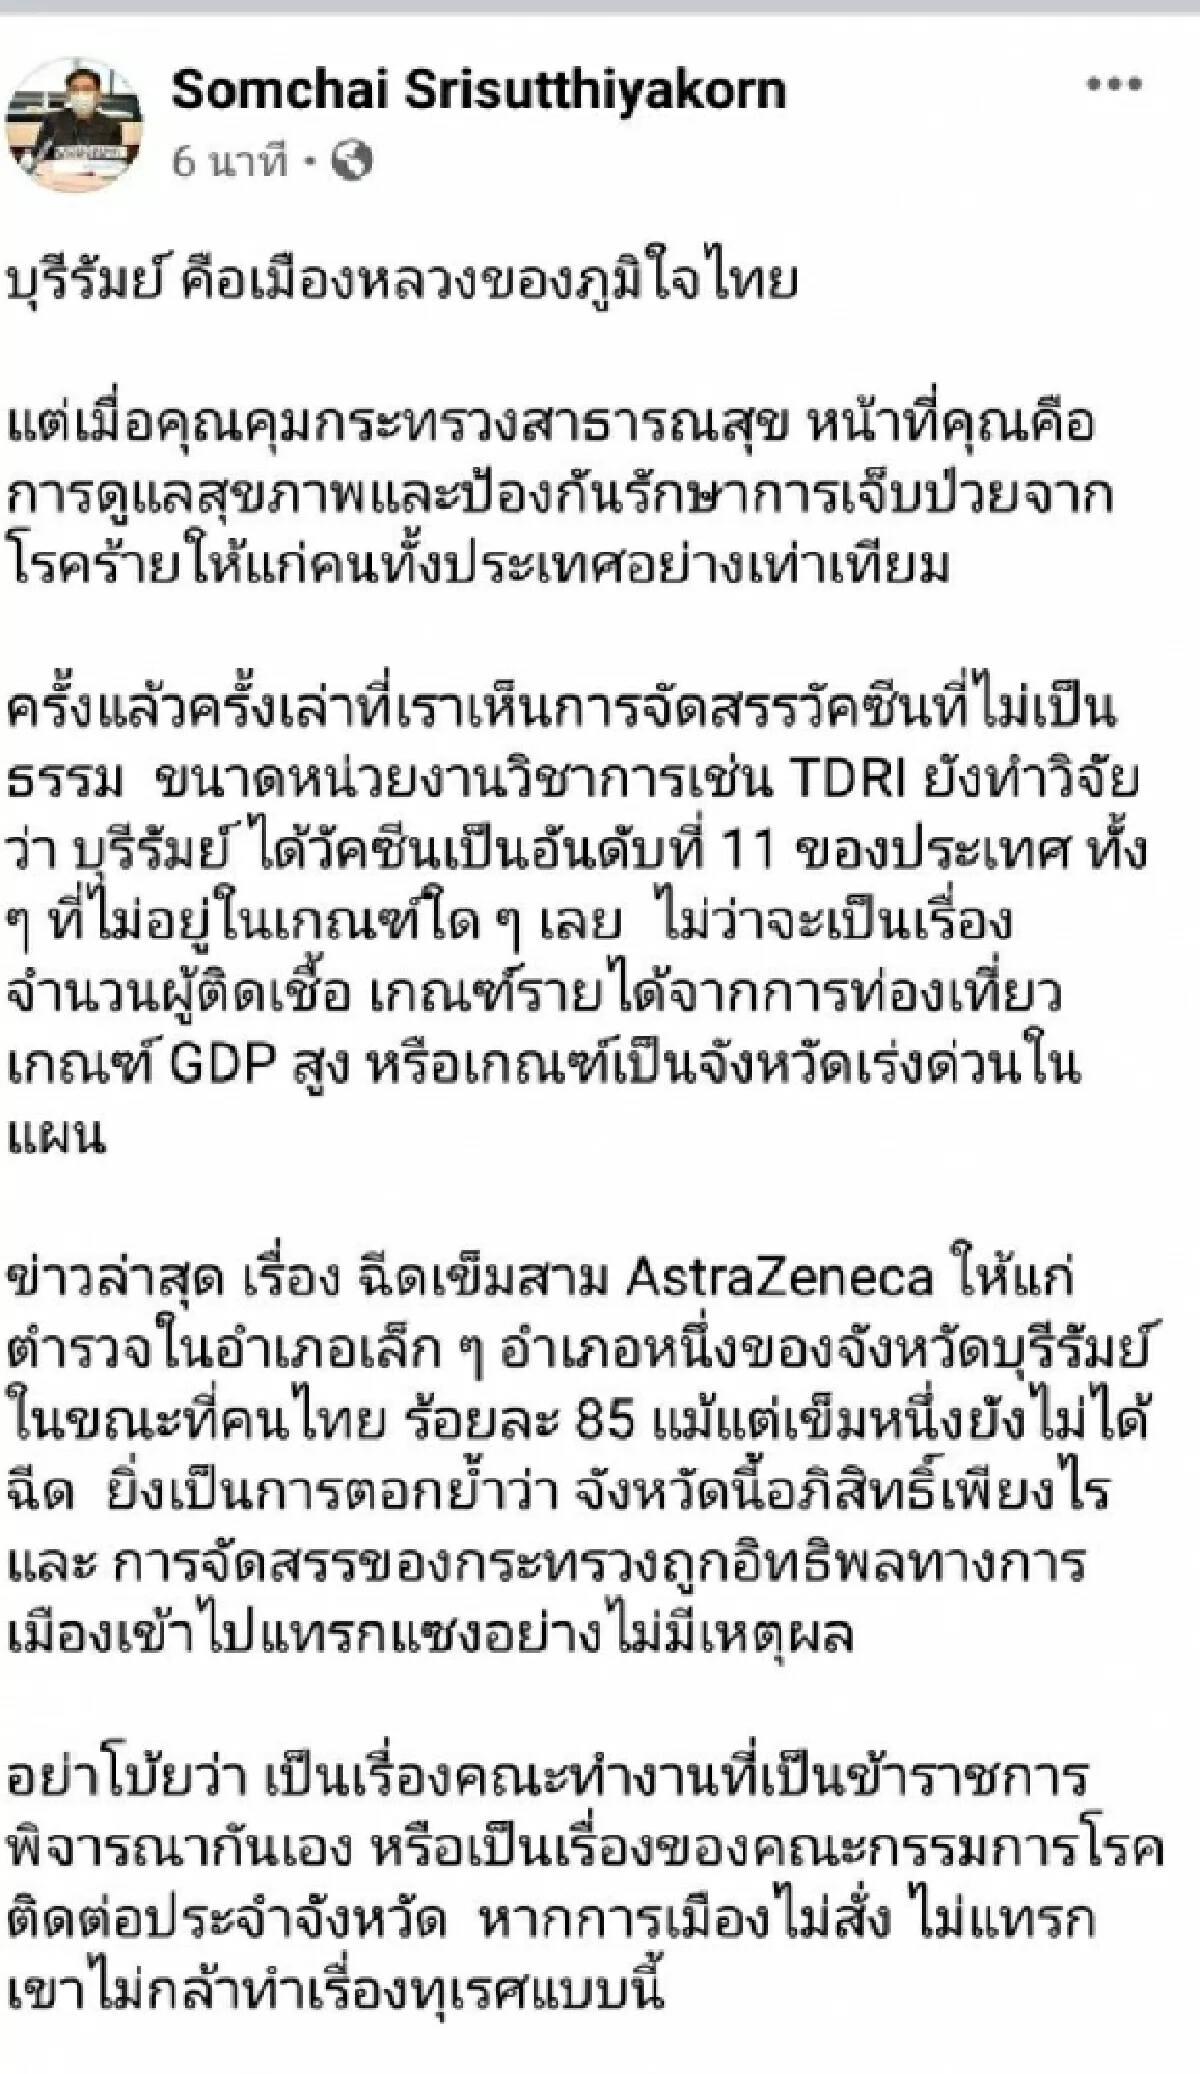 """""""สมชัย""""ชี้การจัดสรรวัคซีนไม่เป็นธรรม """"บุรีรัมย์เมืองหลวงของภูมิใจไทย"""""""